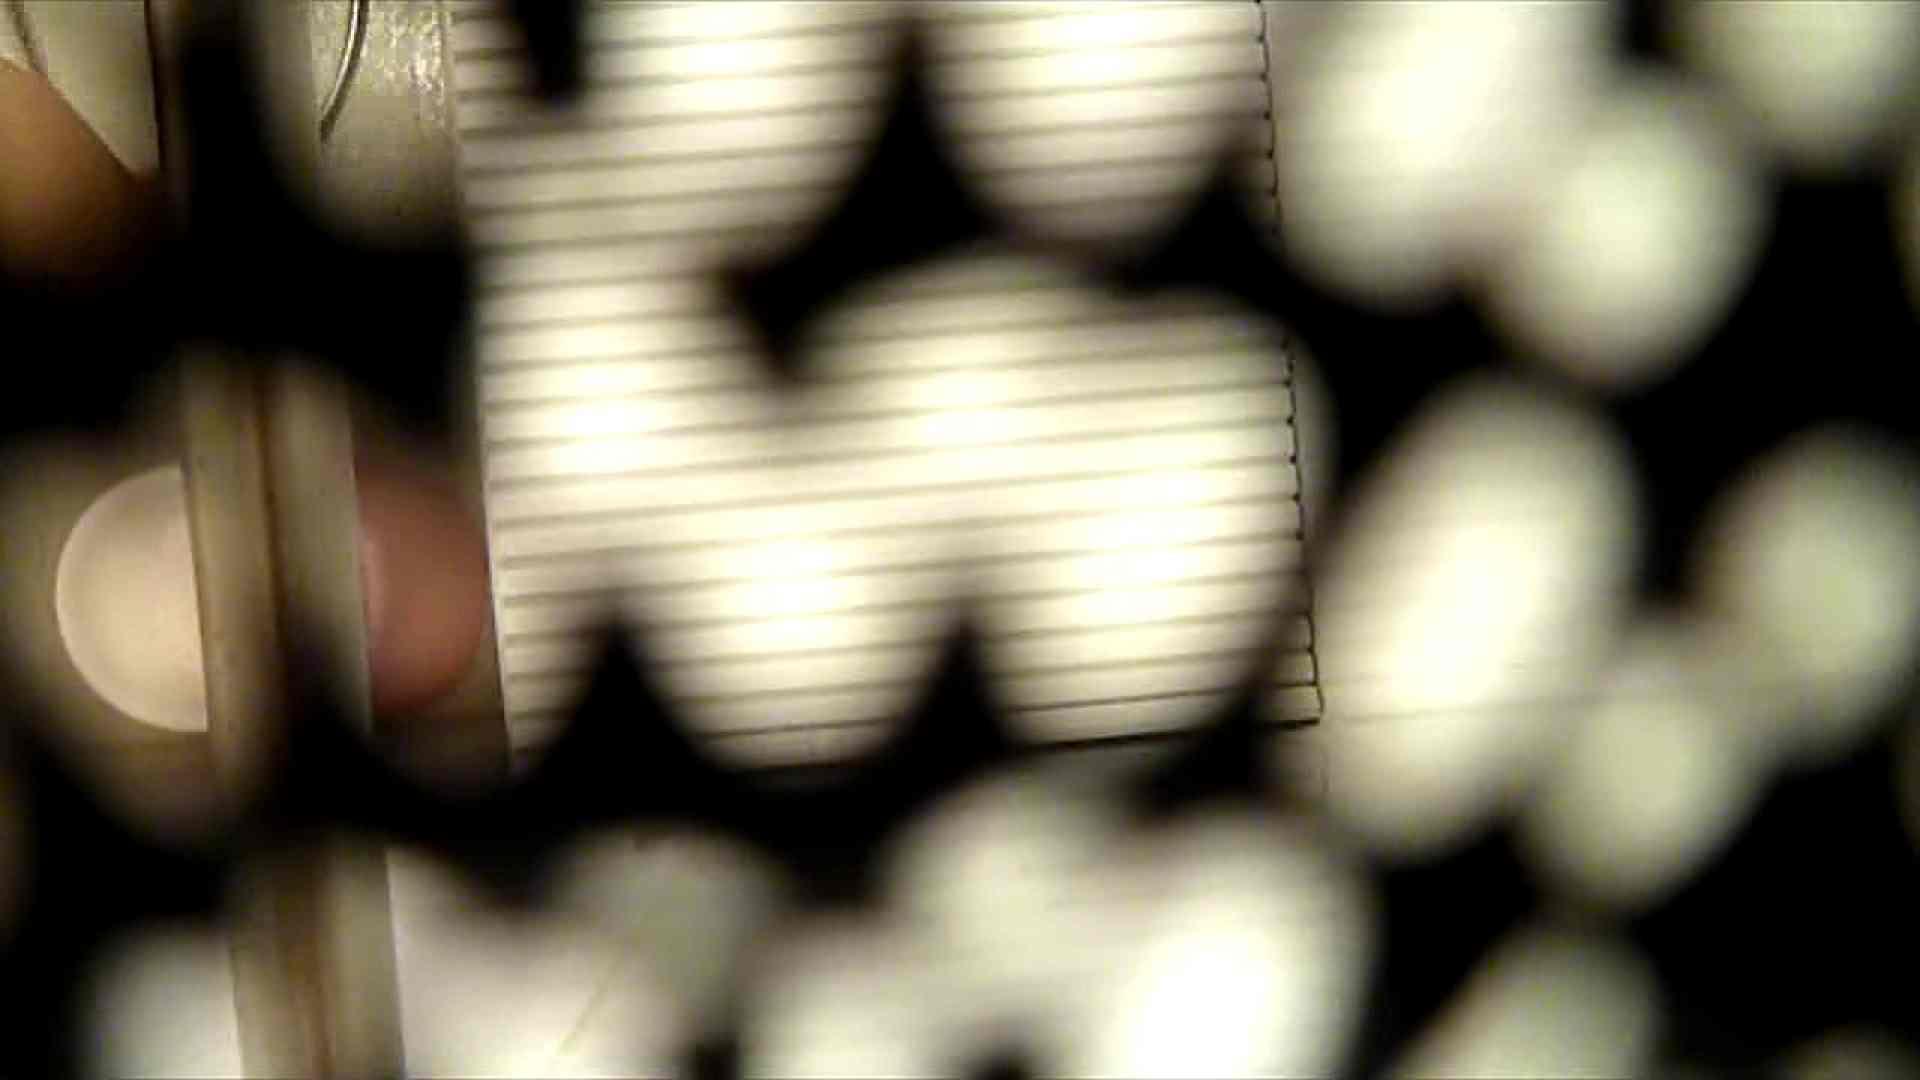 vol.1 Mayumi 窓越しに入浴シーン撮影に成功 OL   入浴シーン  89連発 76